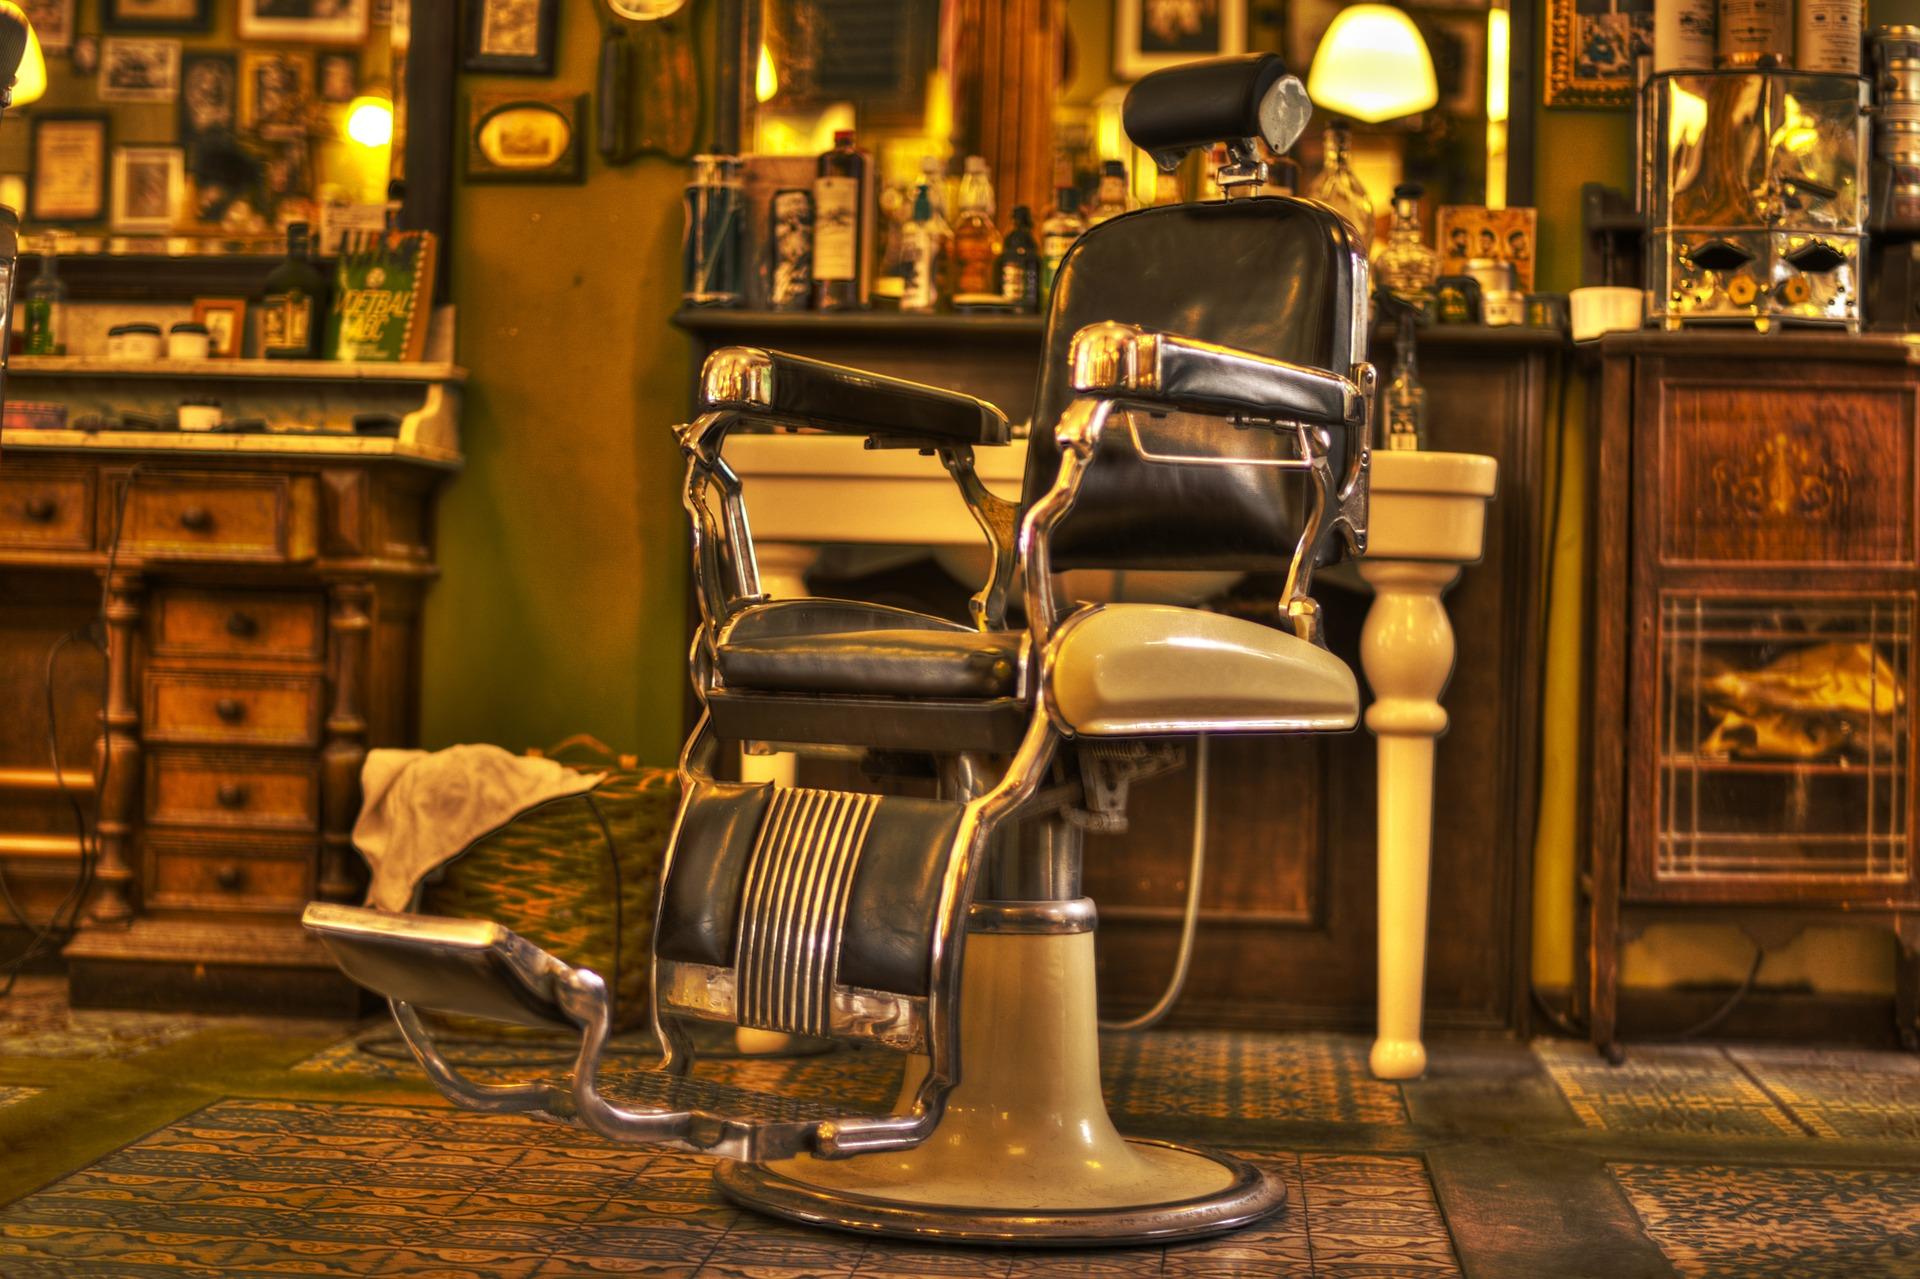 barber-1453064_1920.jpg